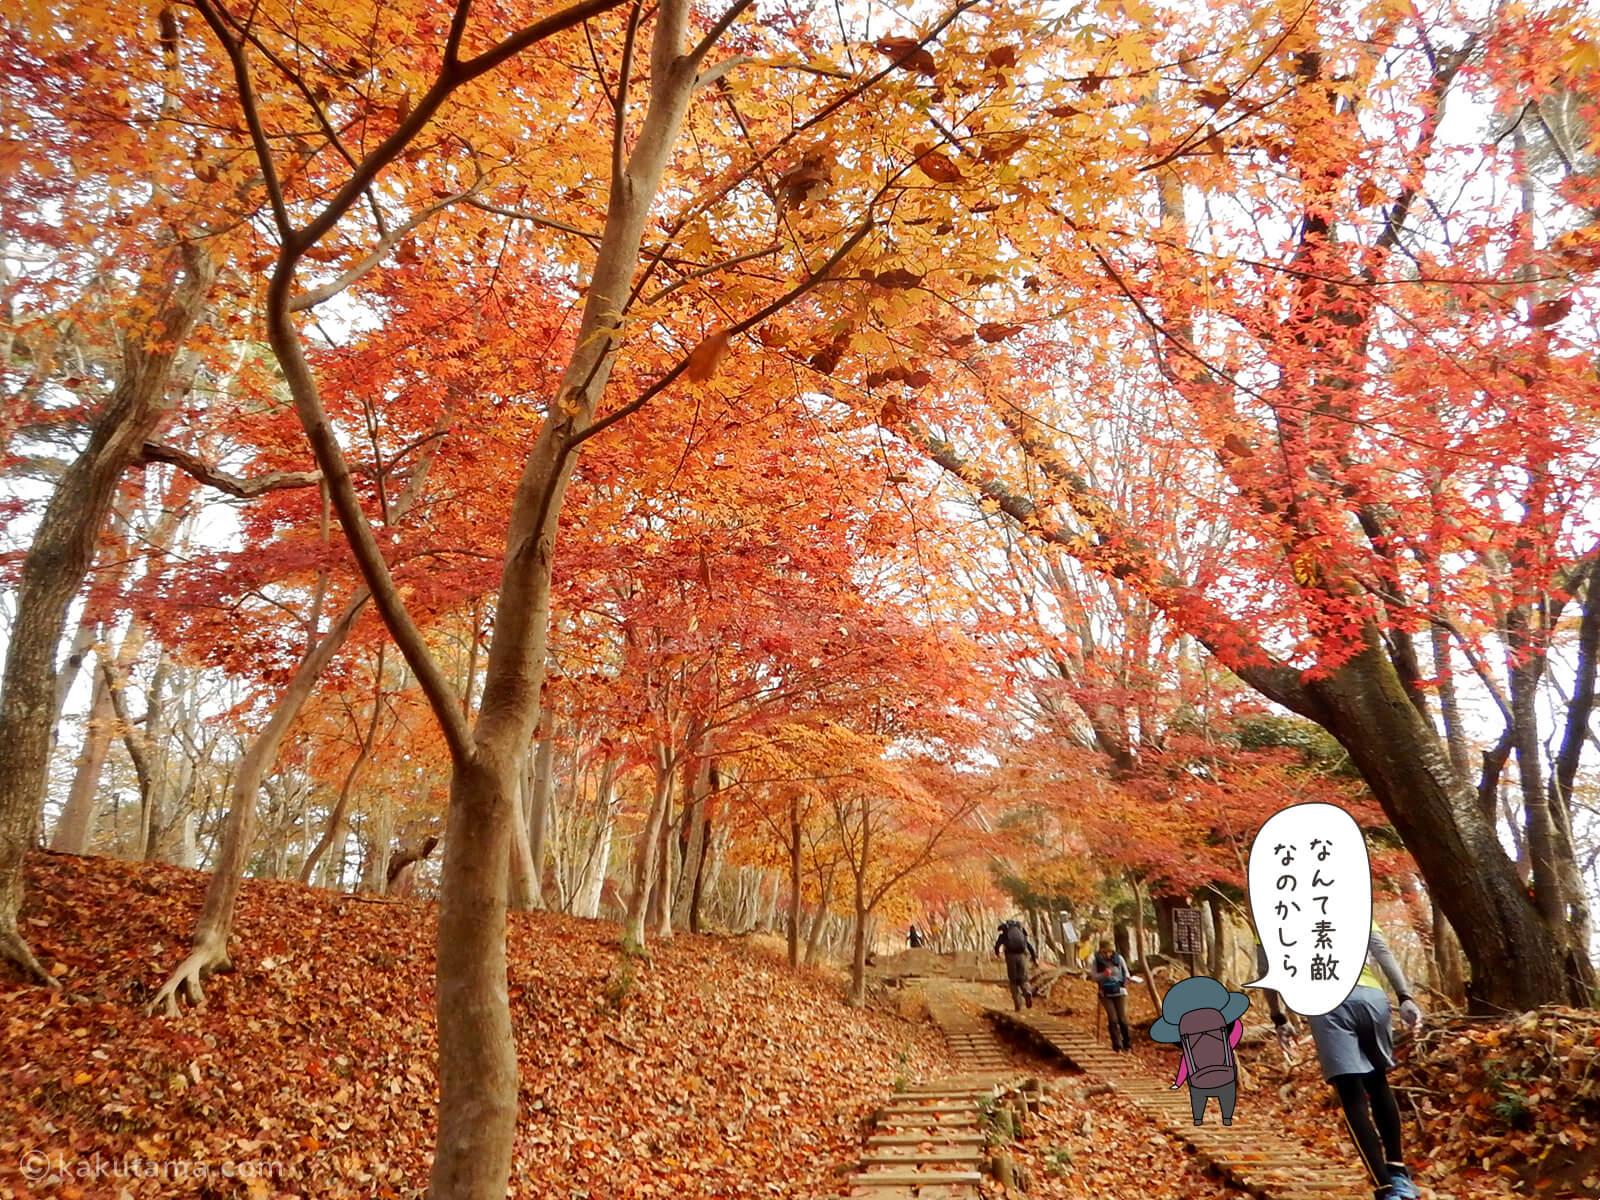 丹沢大倉尾根の紅葉の写真2